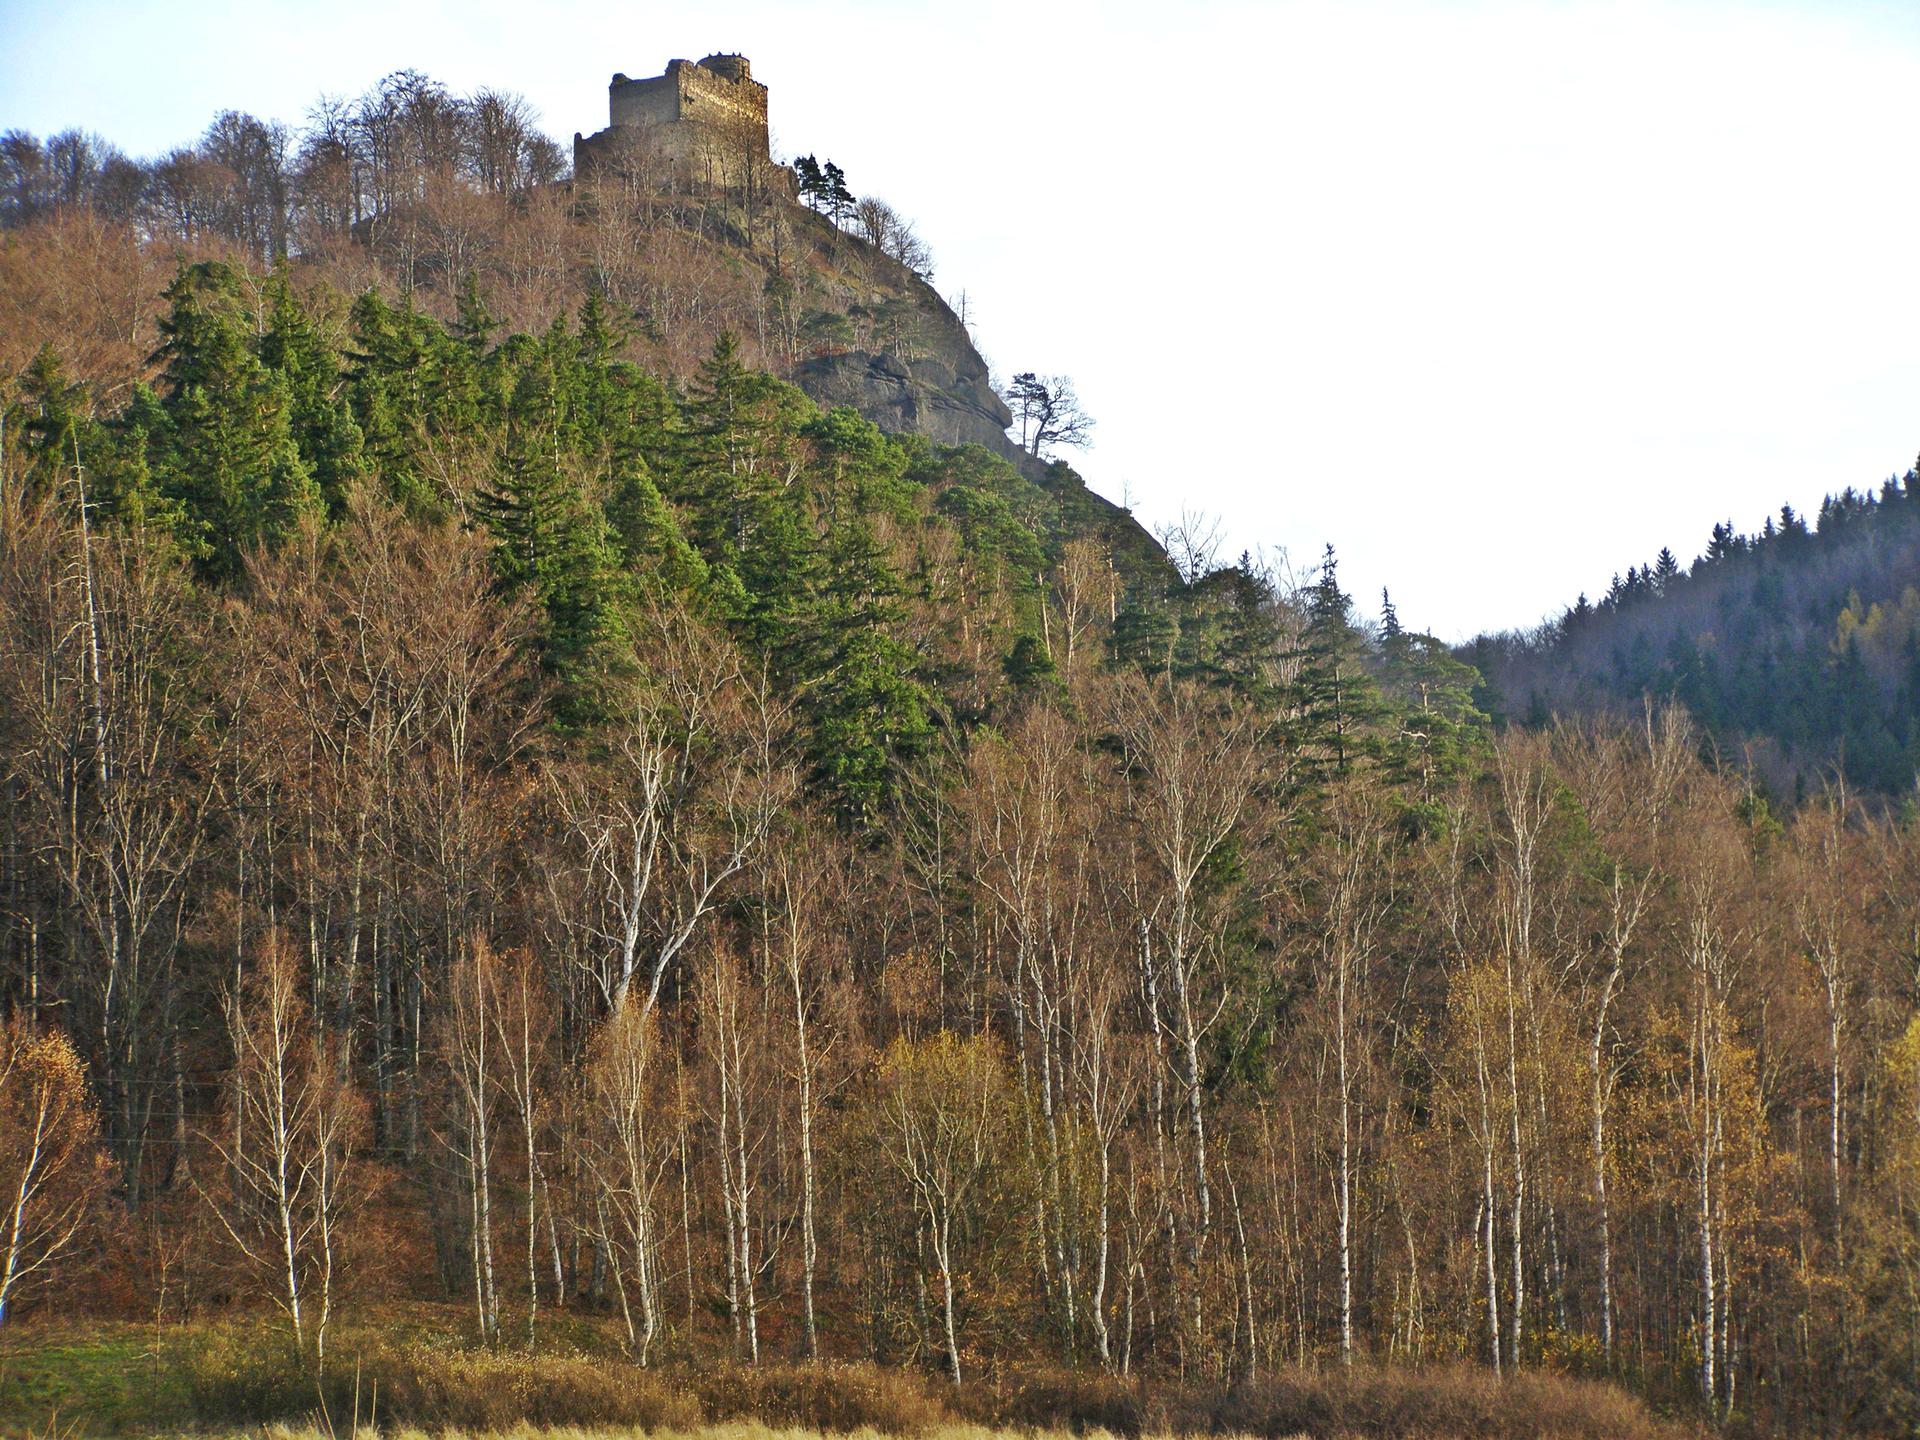 Fotografia prezentuje szczyt górski, na którym znajduje się zamek Chojnik. Upodnóża szczytu rosną liczne drzewa liściaste iiglaste. Fotografia wykonana jesienią.